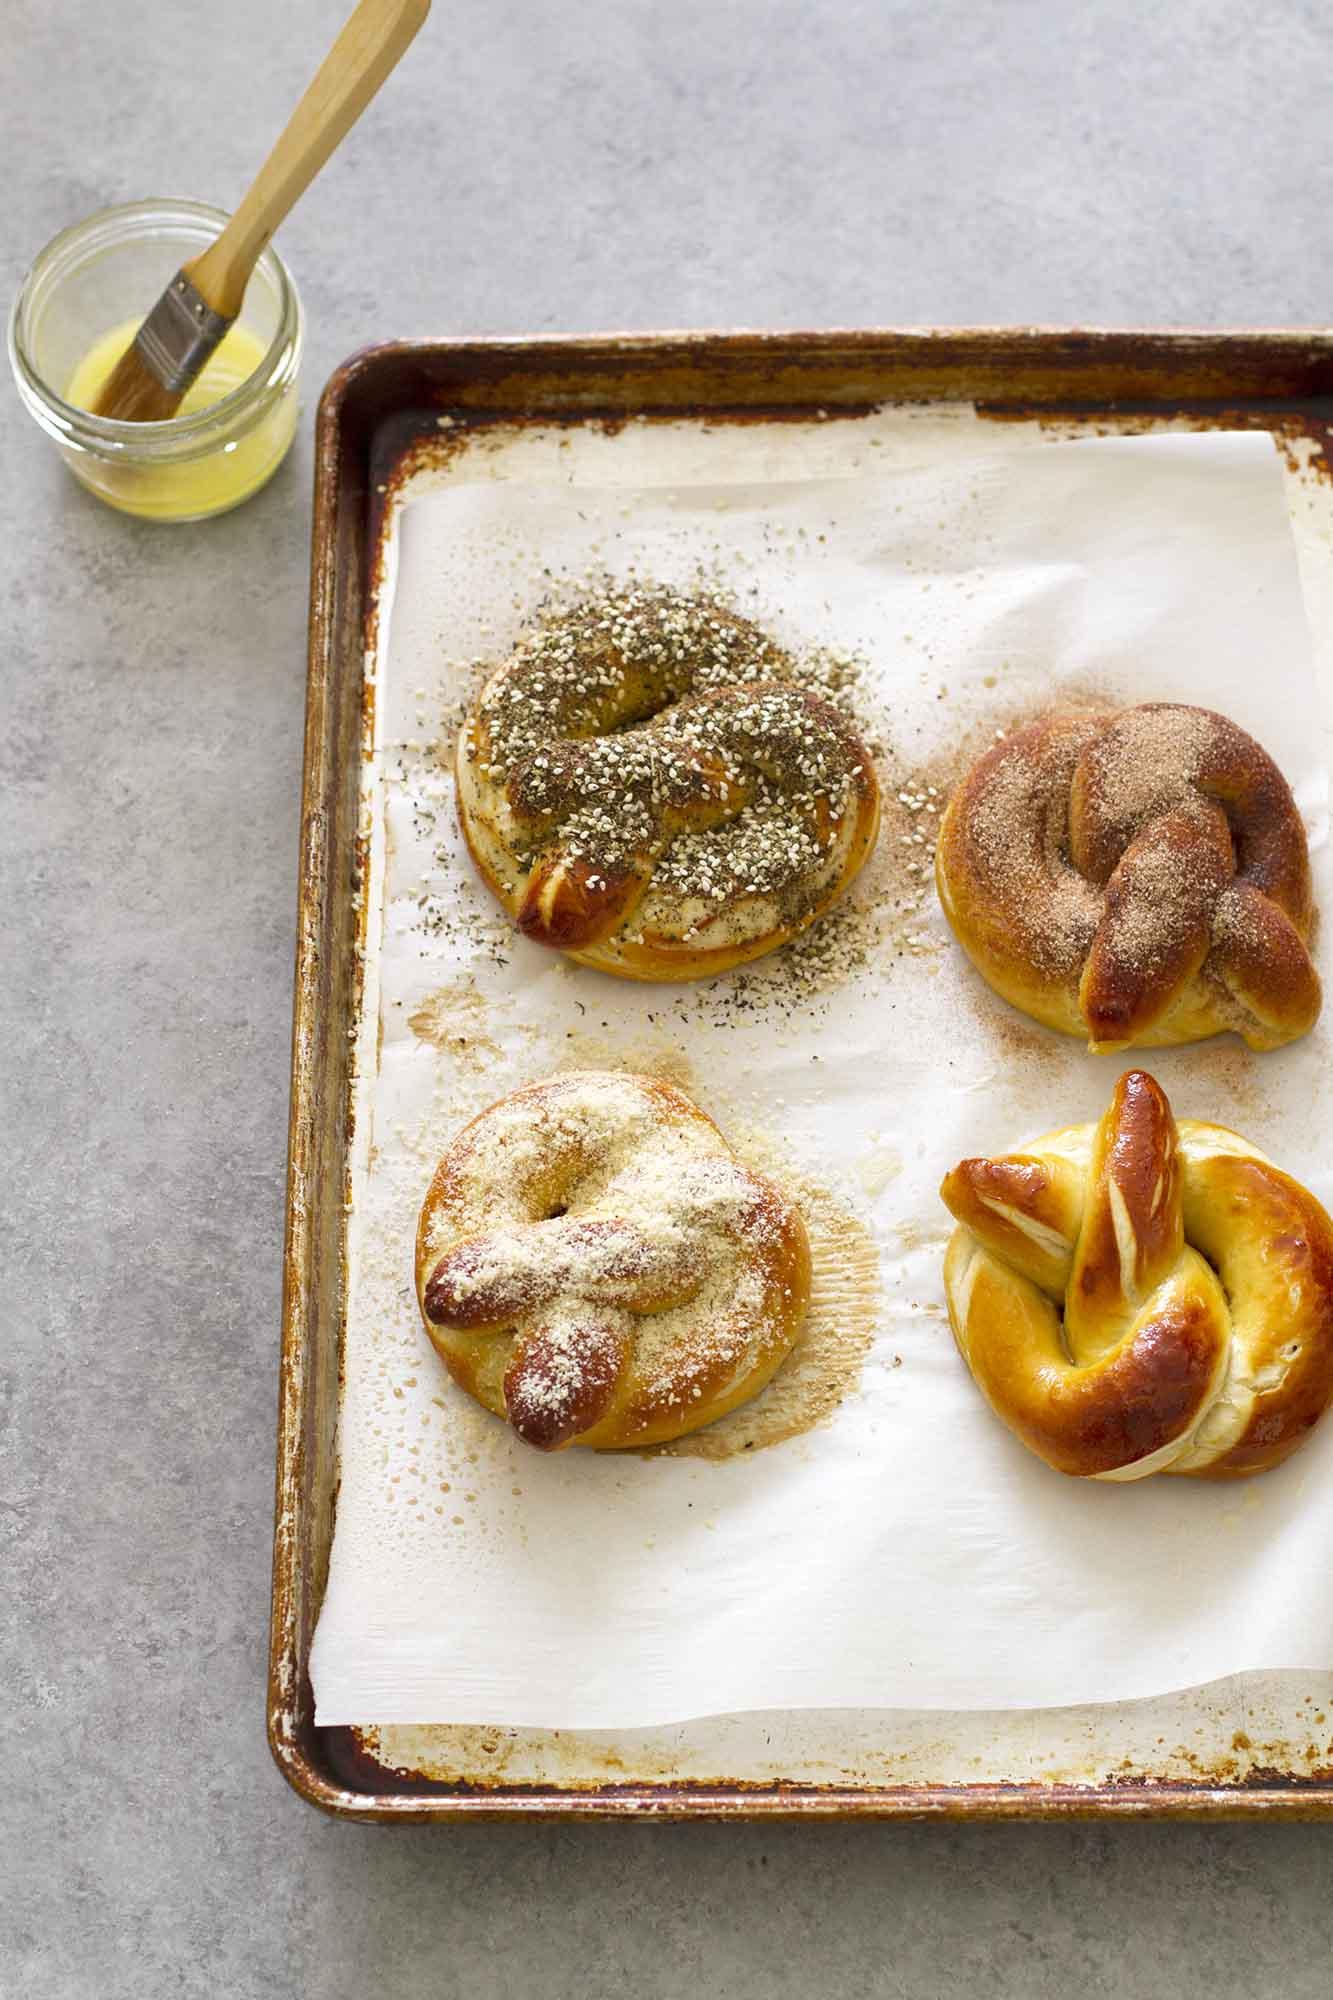 homemade soft pretzels on baking sheet